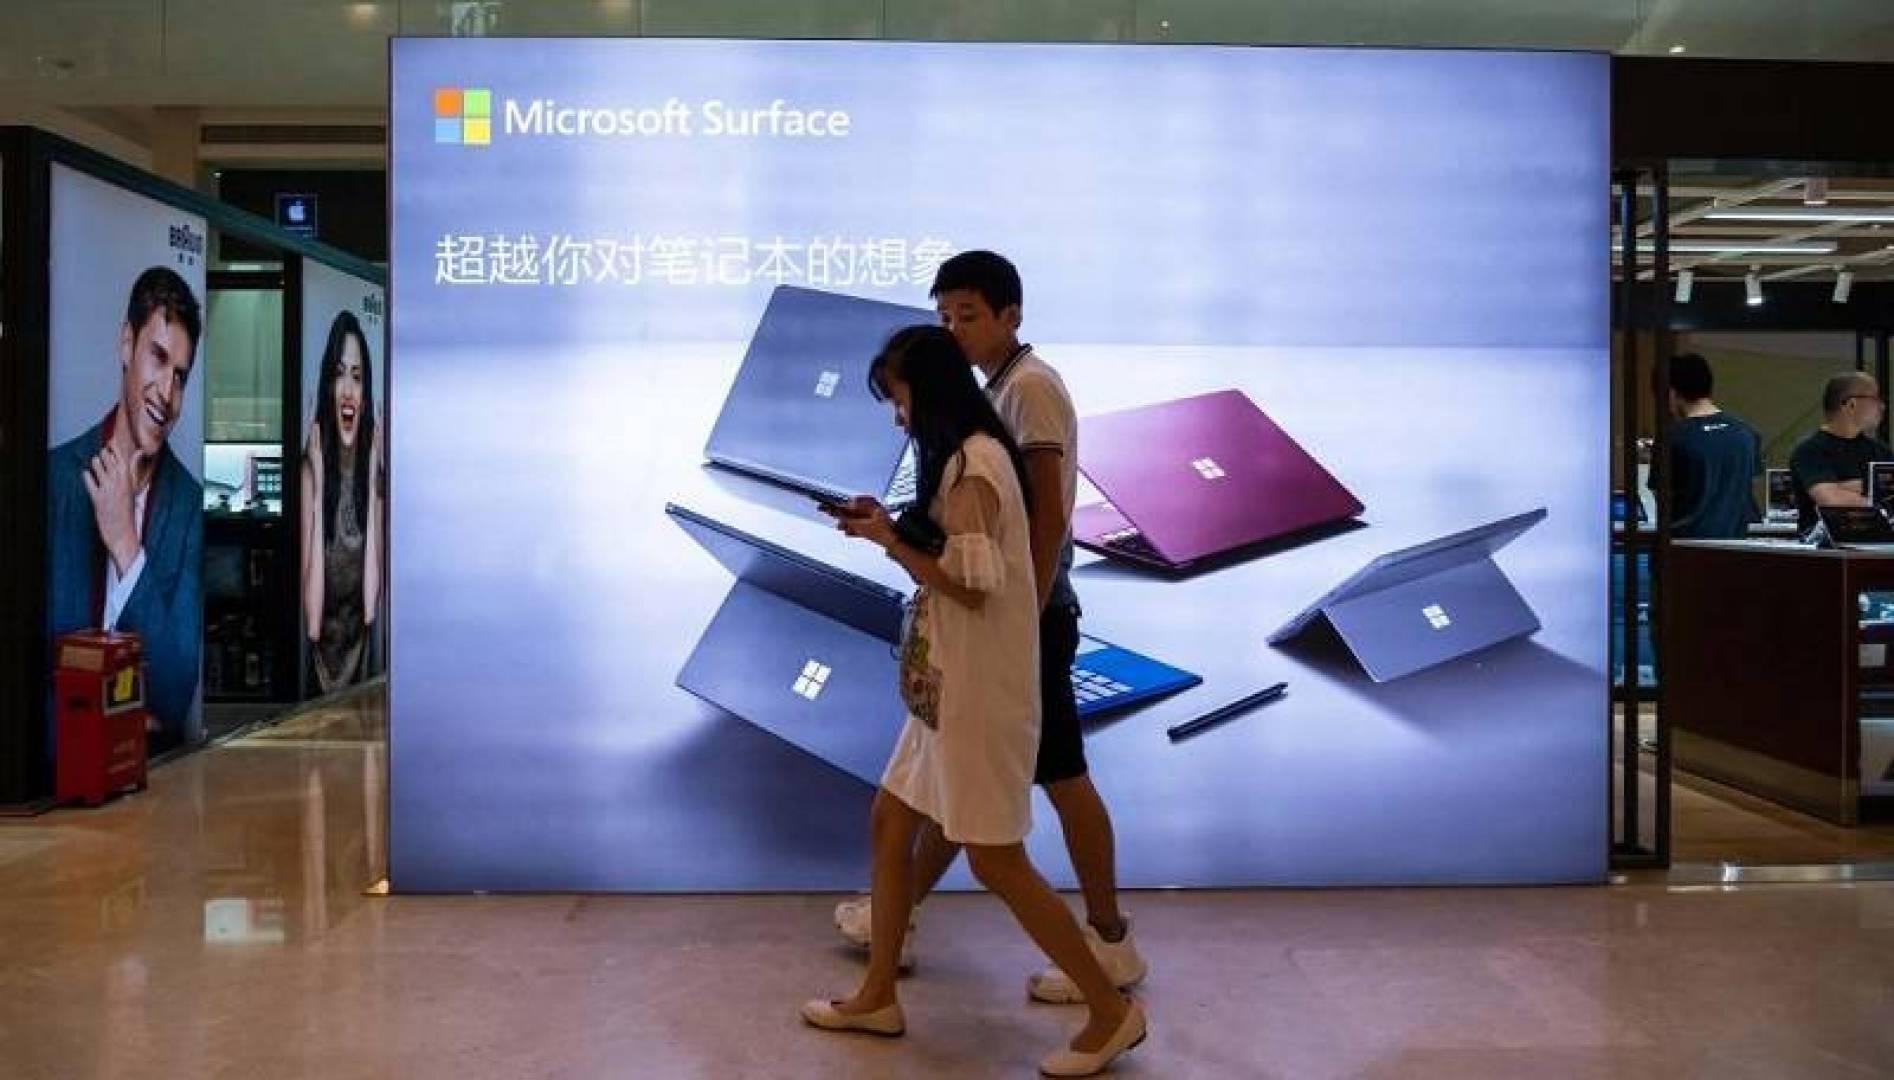 الصين في طريقها إلى الاستغناء عن البرامج والحواسيب الأميركية